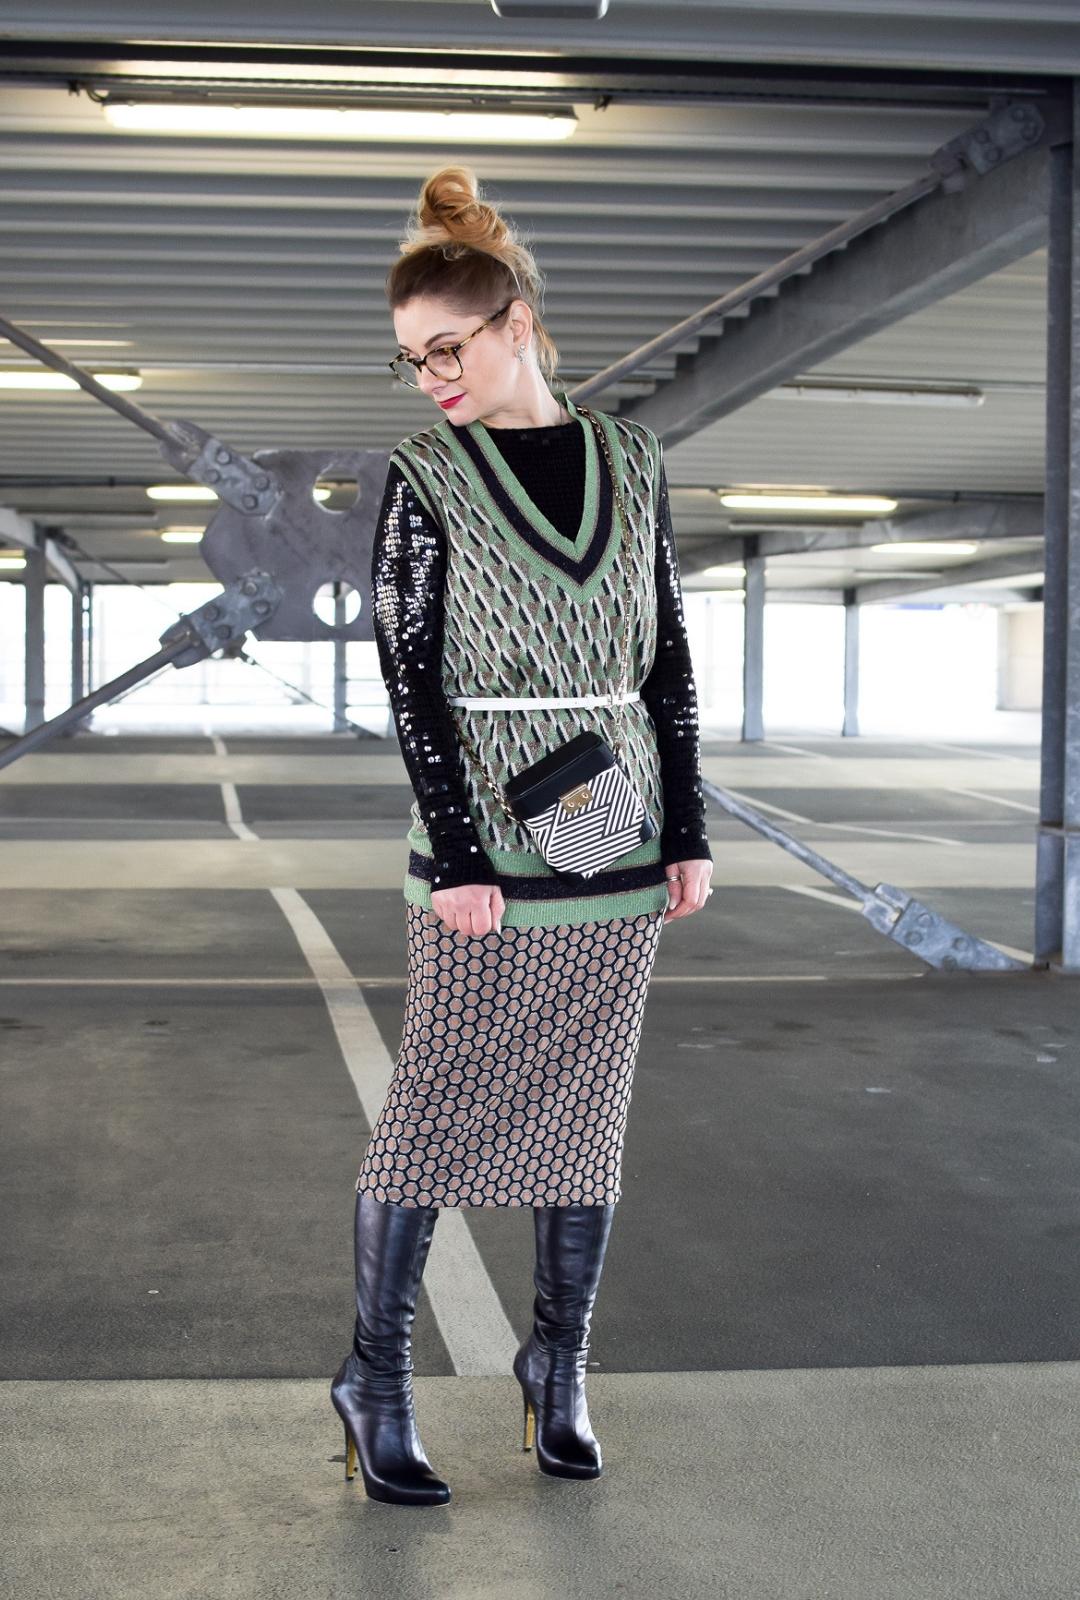 Pullunder mit auffälligem Muster für Frauen, wie style ich einen Pullunder?